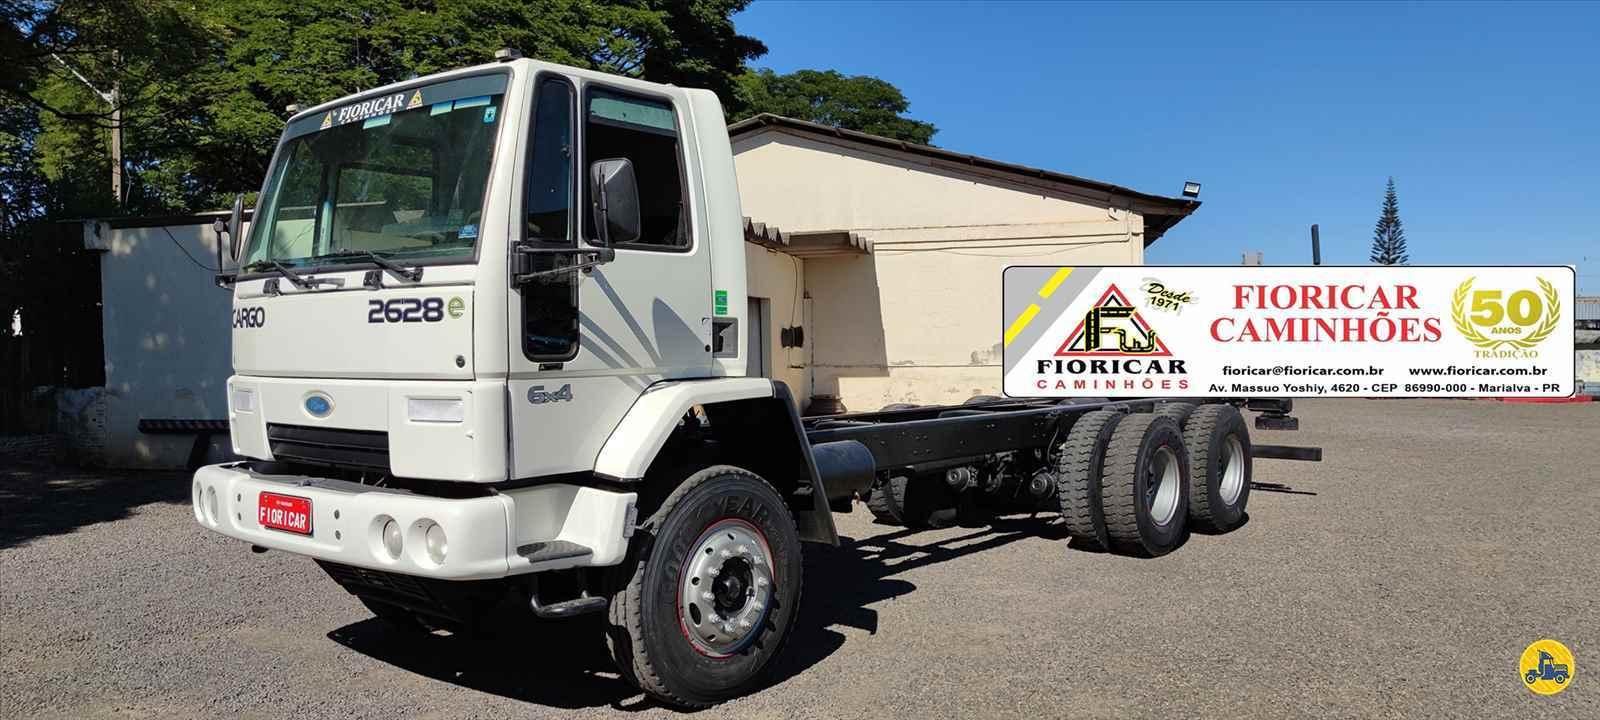 CAMINHAO FORD CARGO 2628 Chassis Traçado 6x4 Fioricar Caminhões MARIALVA PARANÁ PR